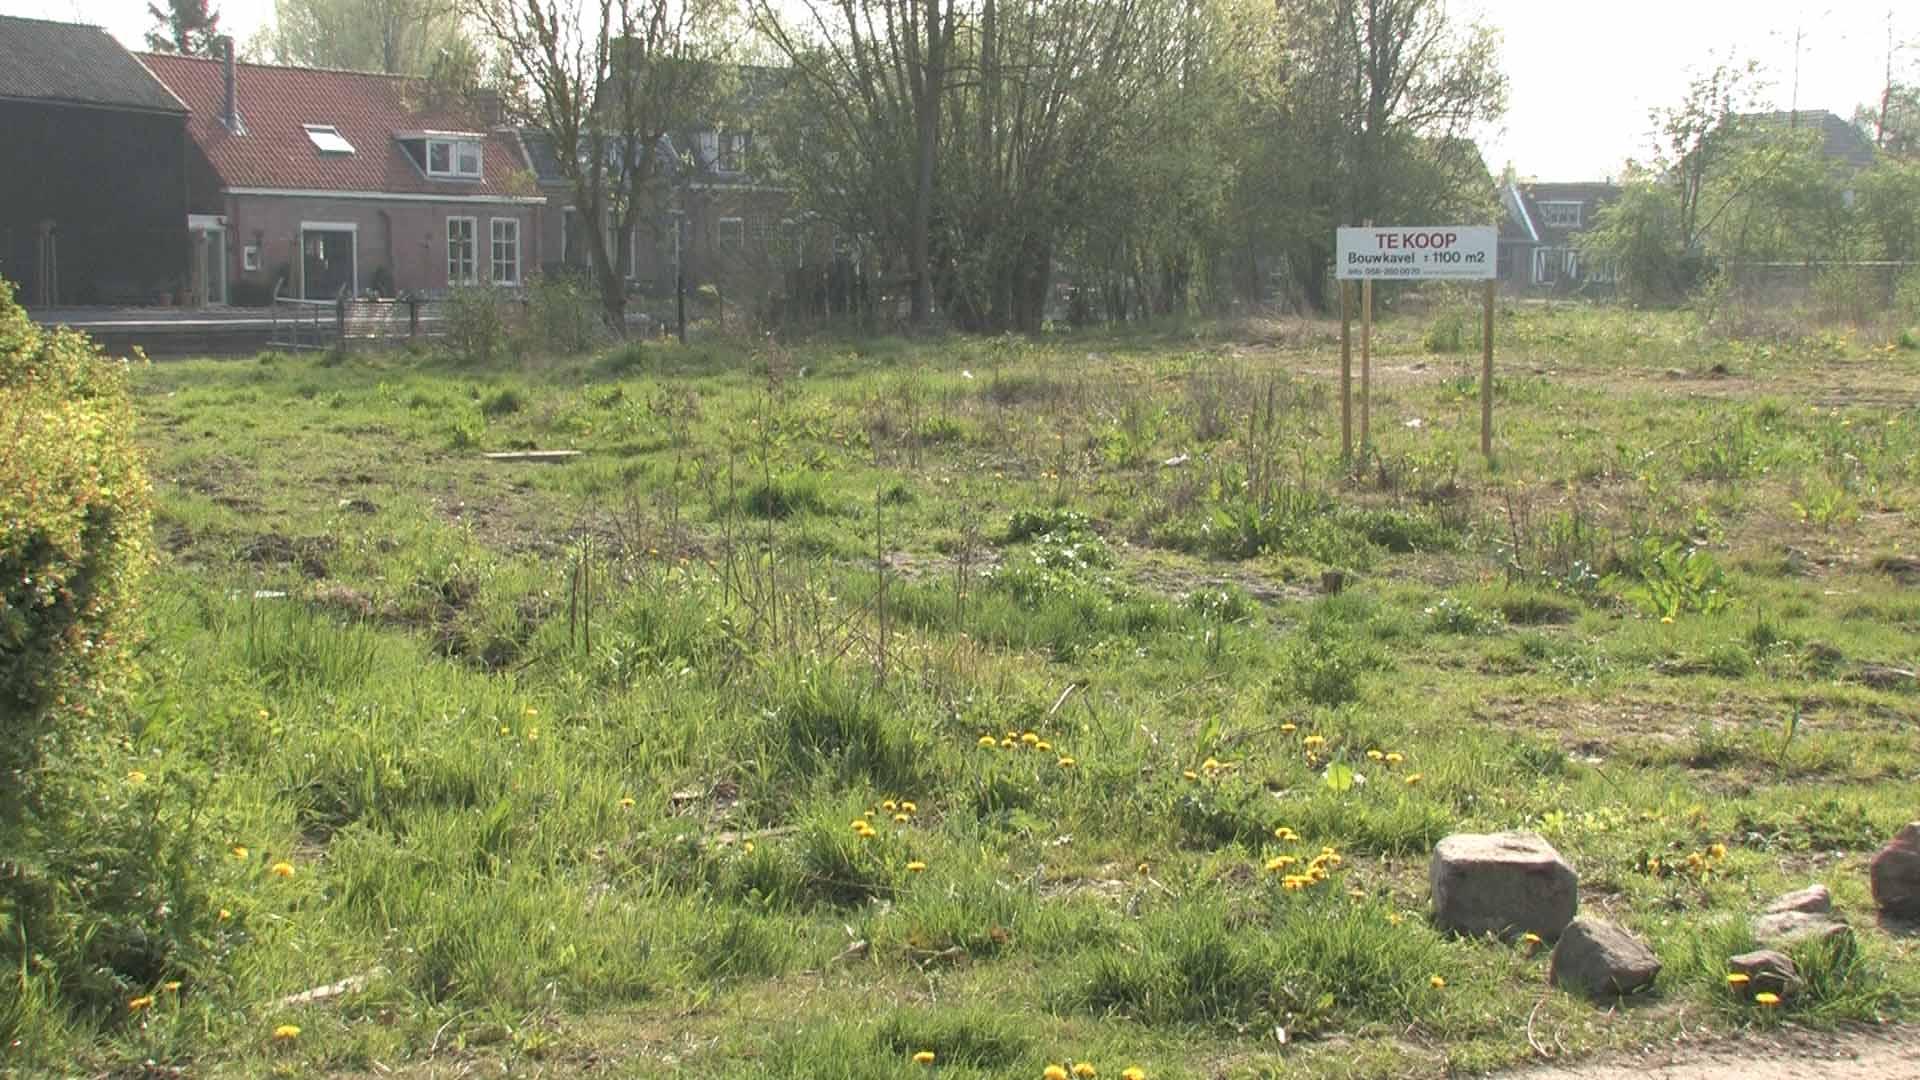 Shot uit de video van een stuk bouwgrond van Makelaardij Hart de Vries te Leeuwarden